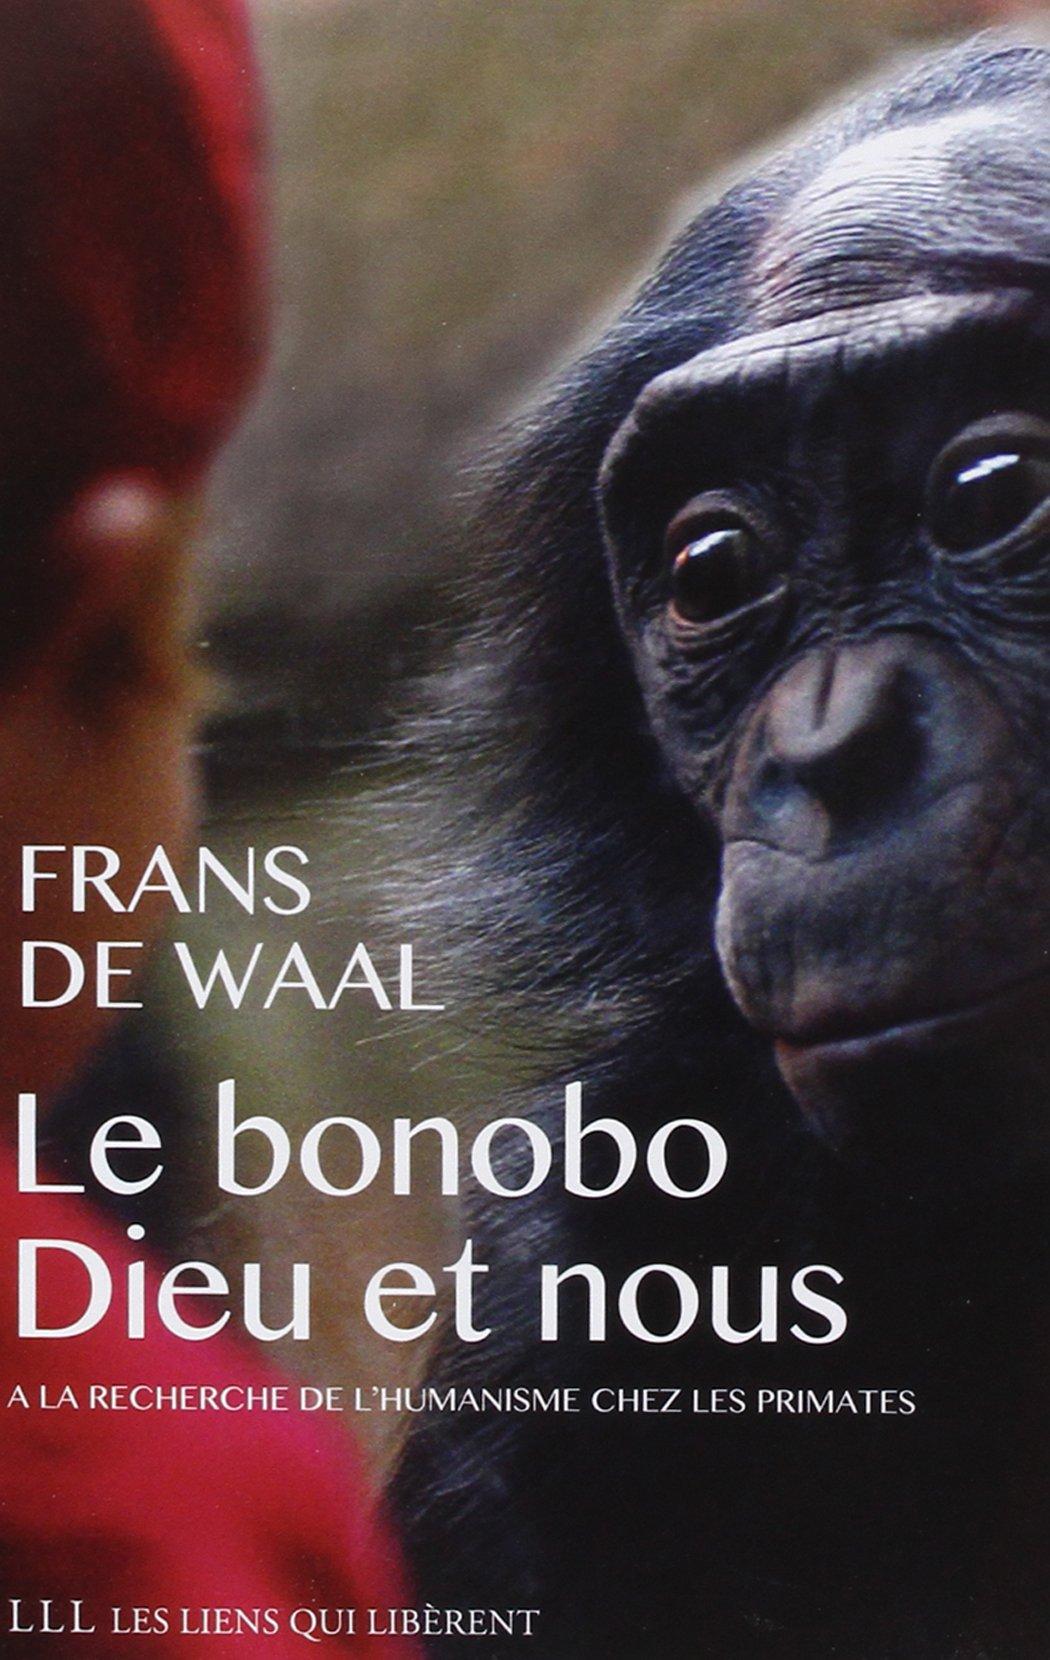 Le Bonobo, Dieu et nous - Frans de Waal 71217mfiM7L